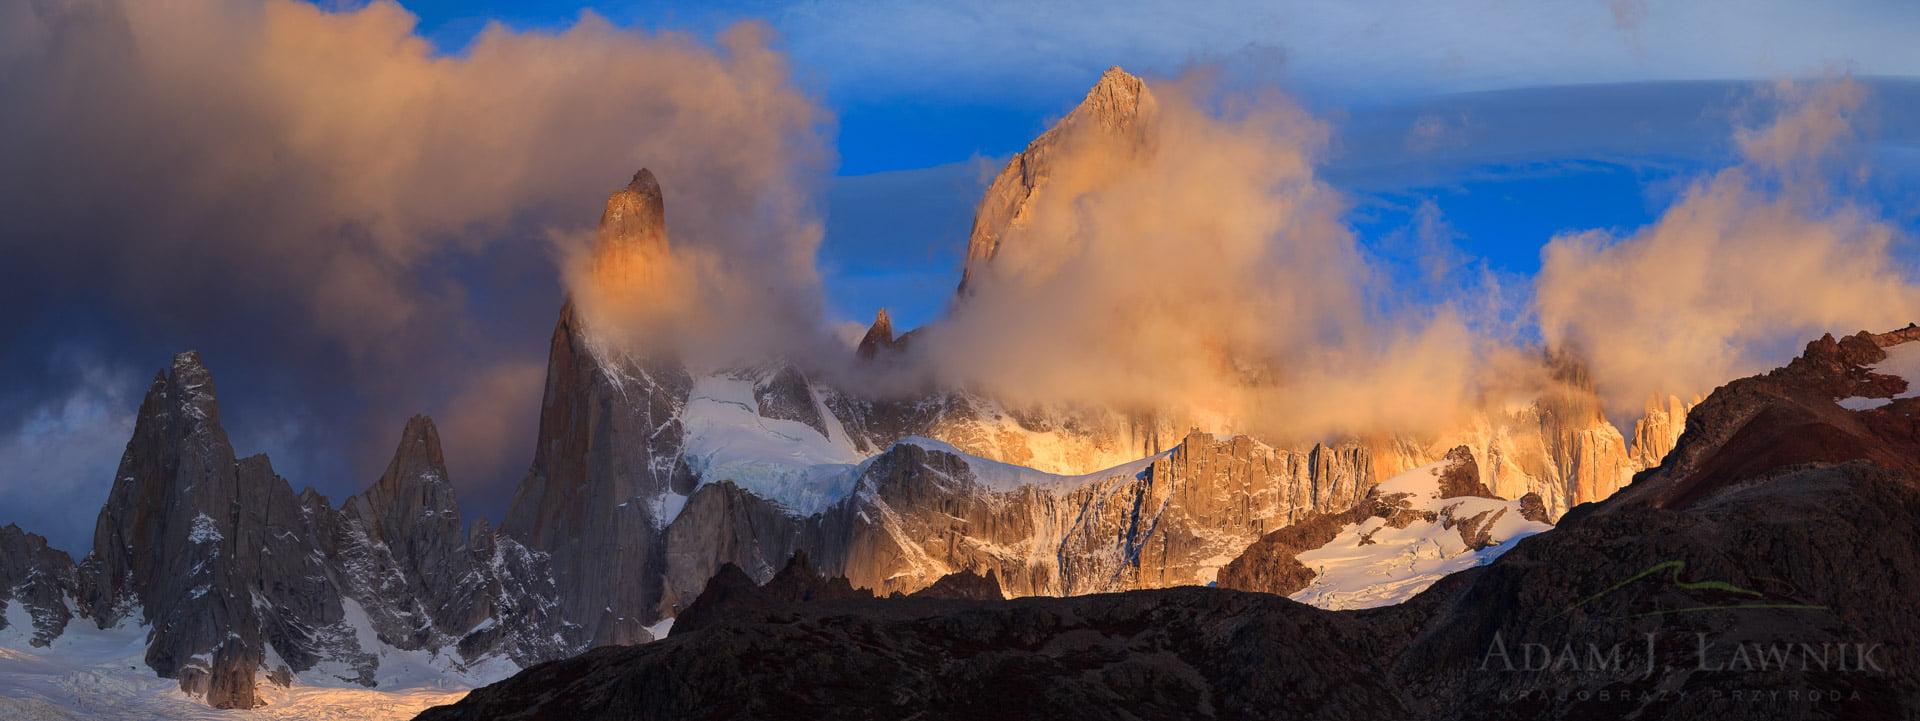 Patagonia, Argentina 1203-00637C